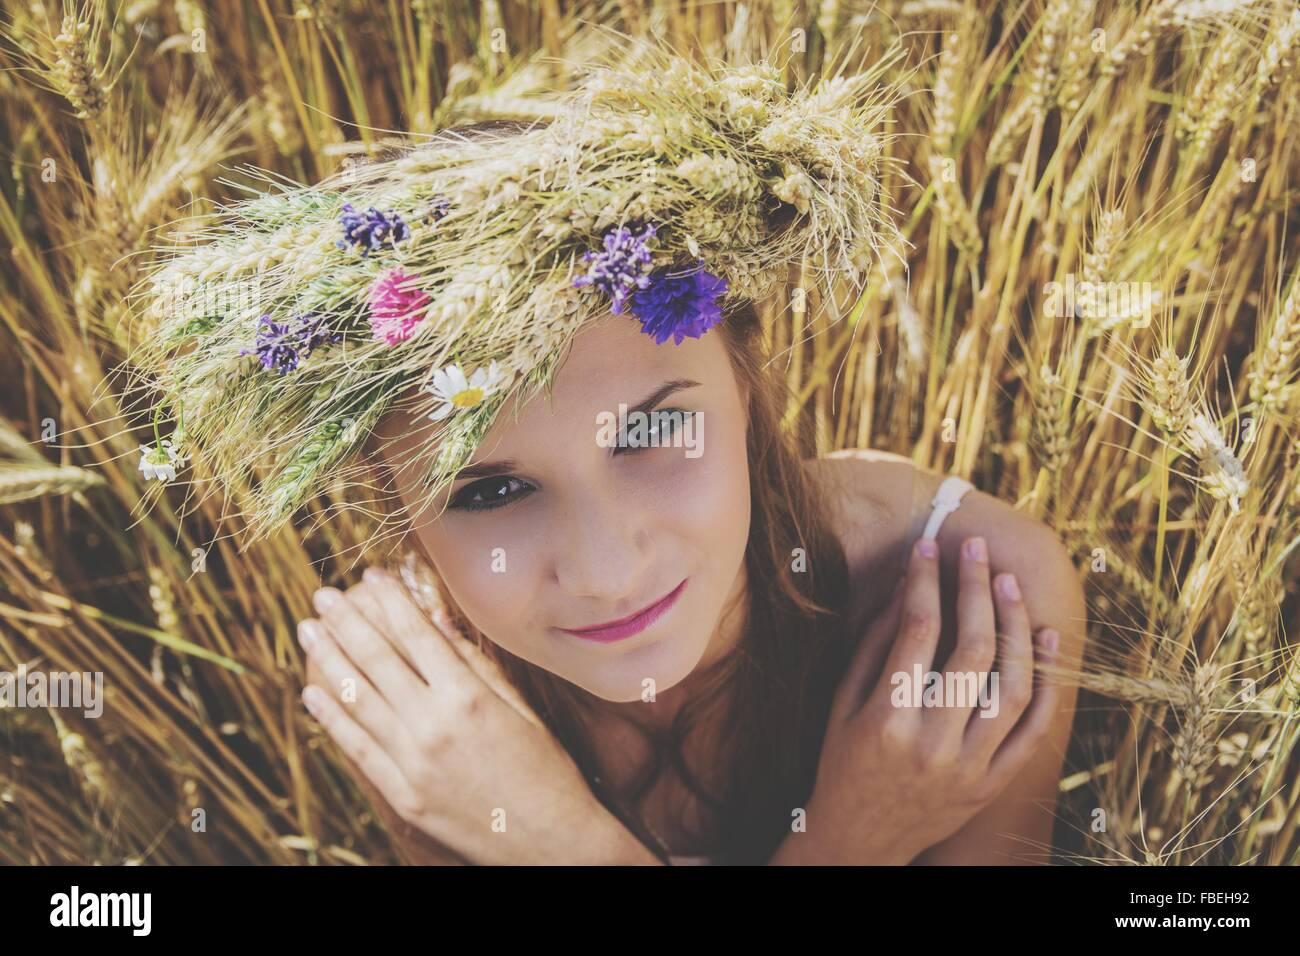 Retrato de joven Bella portando flores en la cabeza en el campo Imagen De Stock